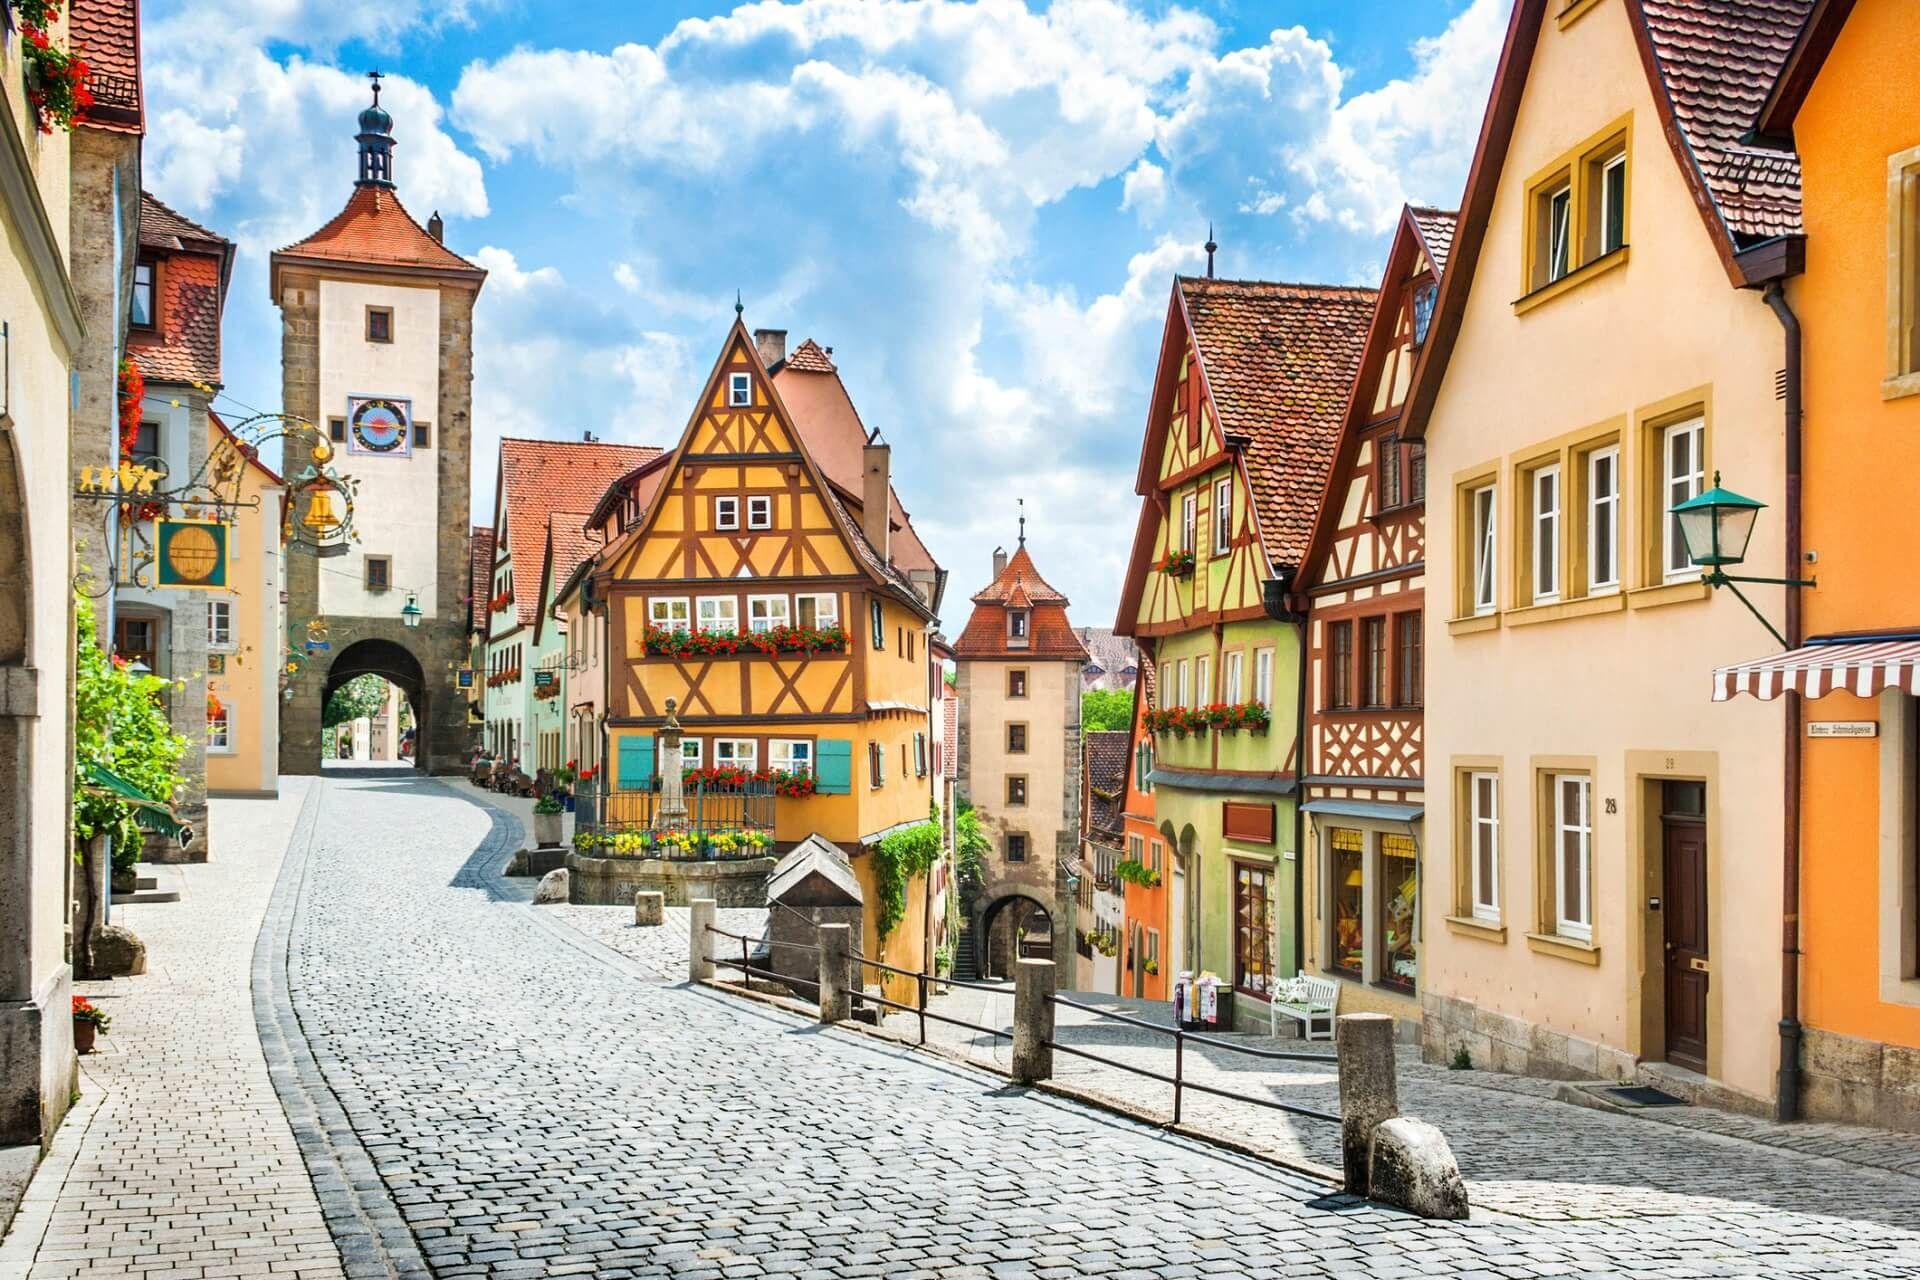 Wow 15 Marchenhafte Orte In Deutschland Urlaubsguru Urlaub In Deutschland Kurzurlaub Deutschland Urlaub